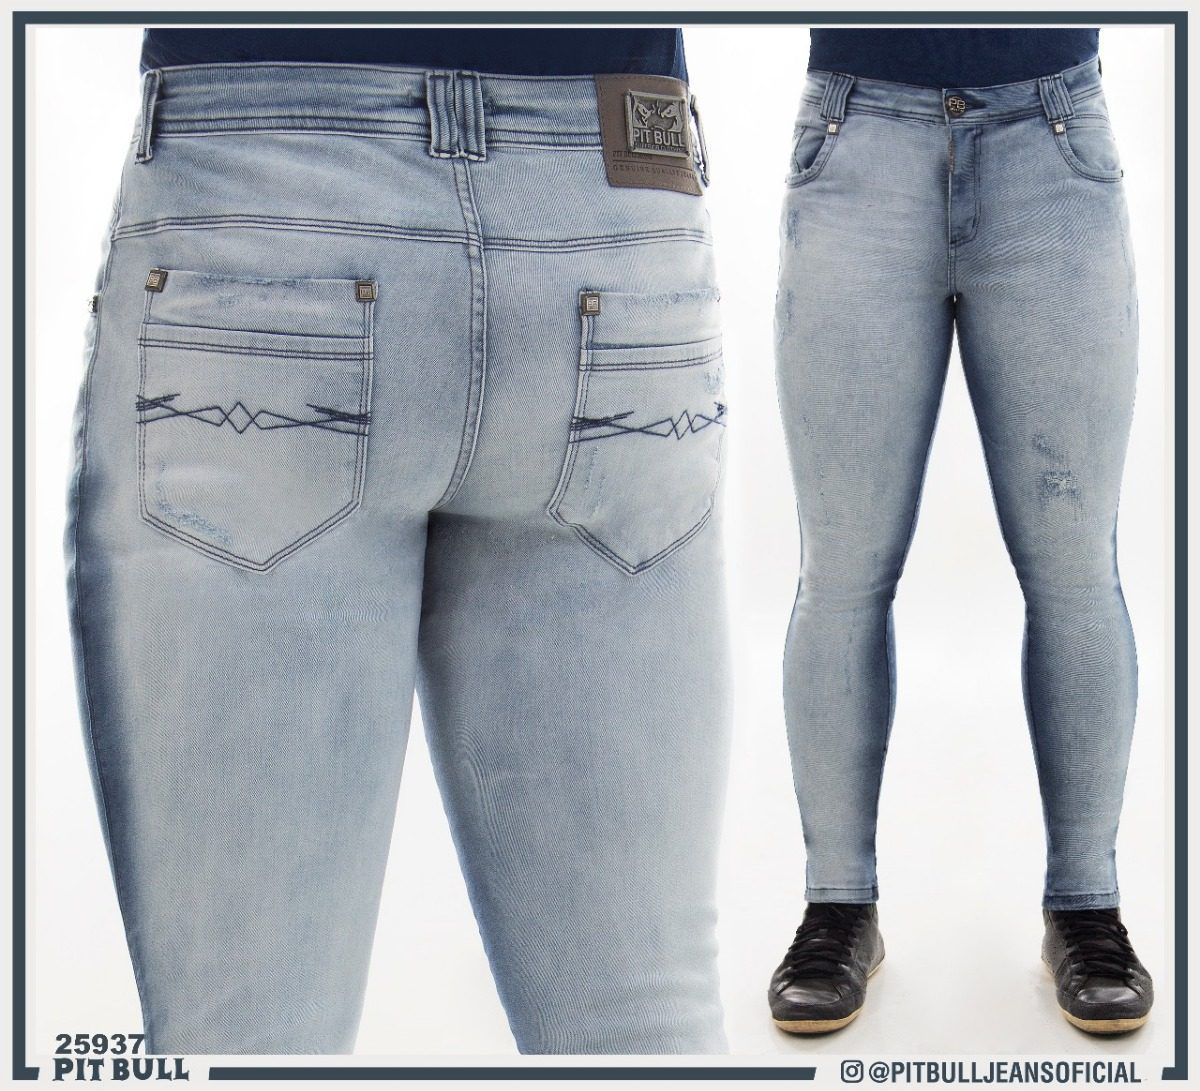 d72d36464 Calca masculina super slim Pit Bull Jeans Ref. 25937